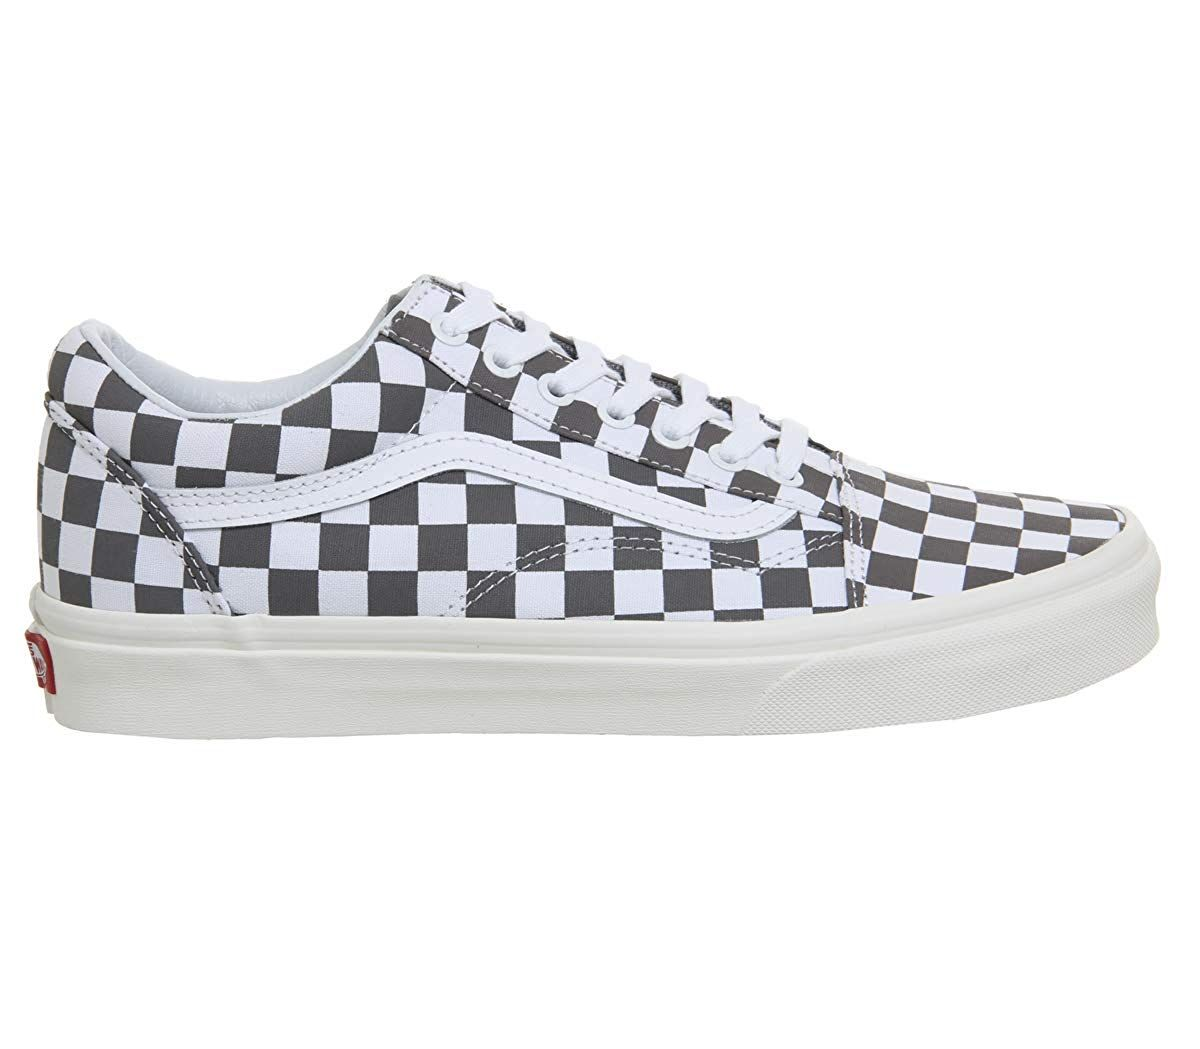 Pin By Shop With Bob On Sneakers Sneakers Vans Buy Vans